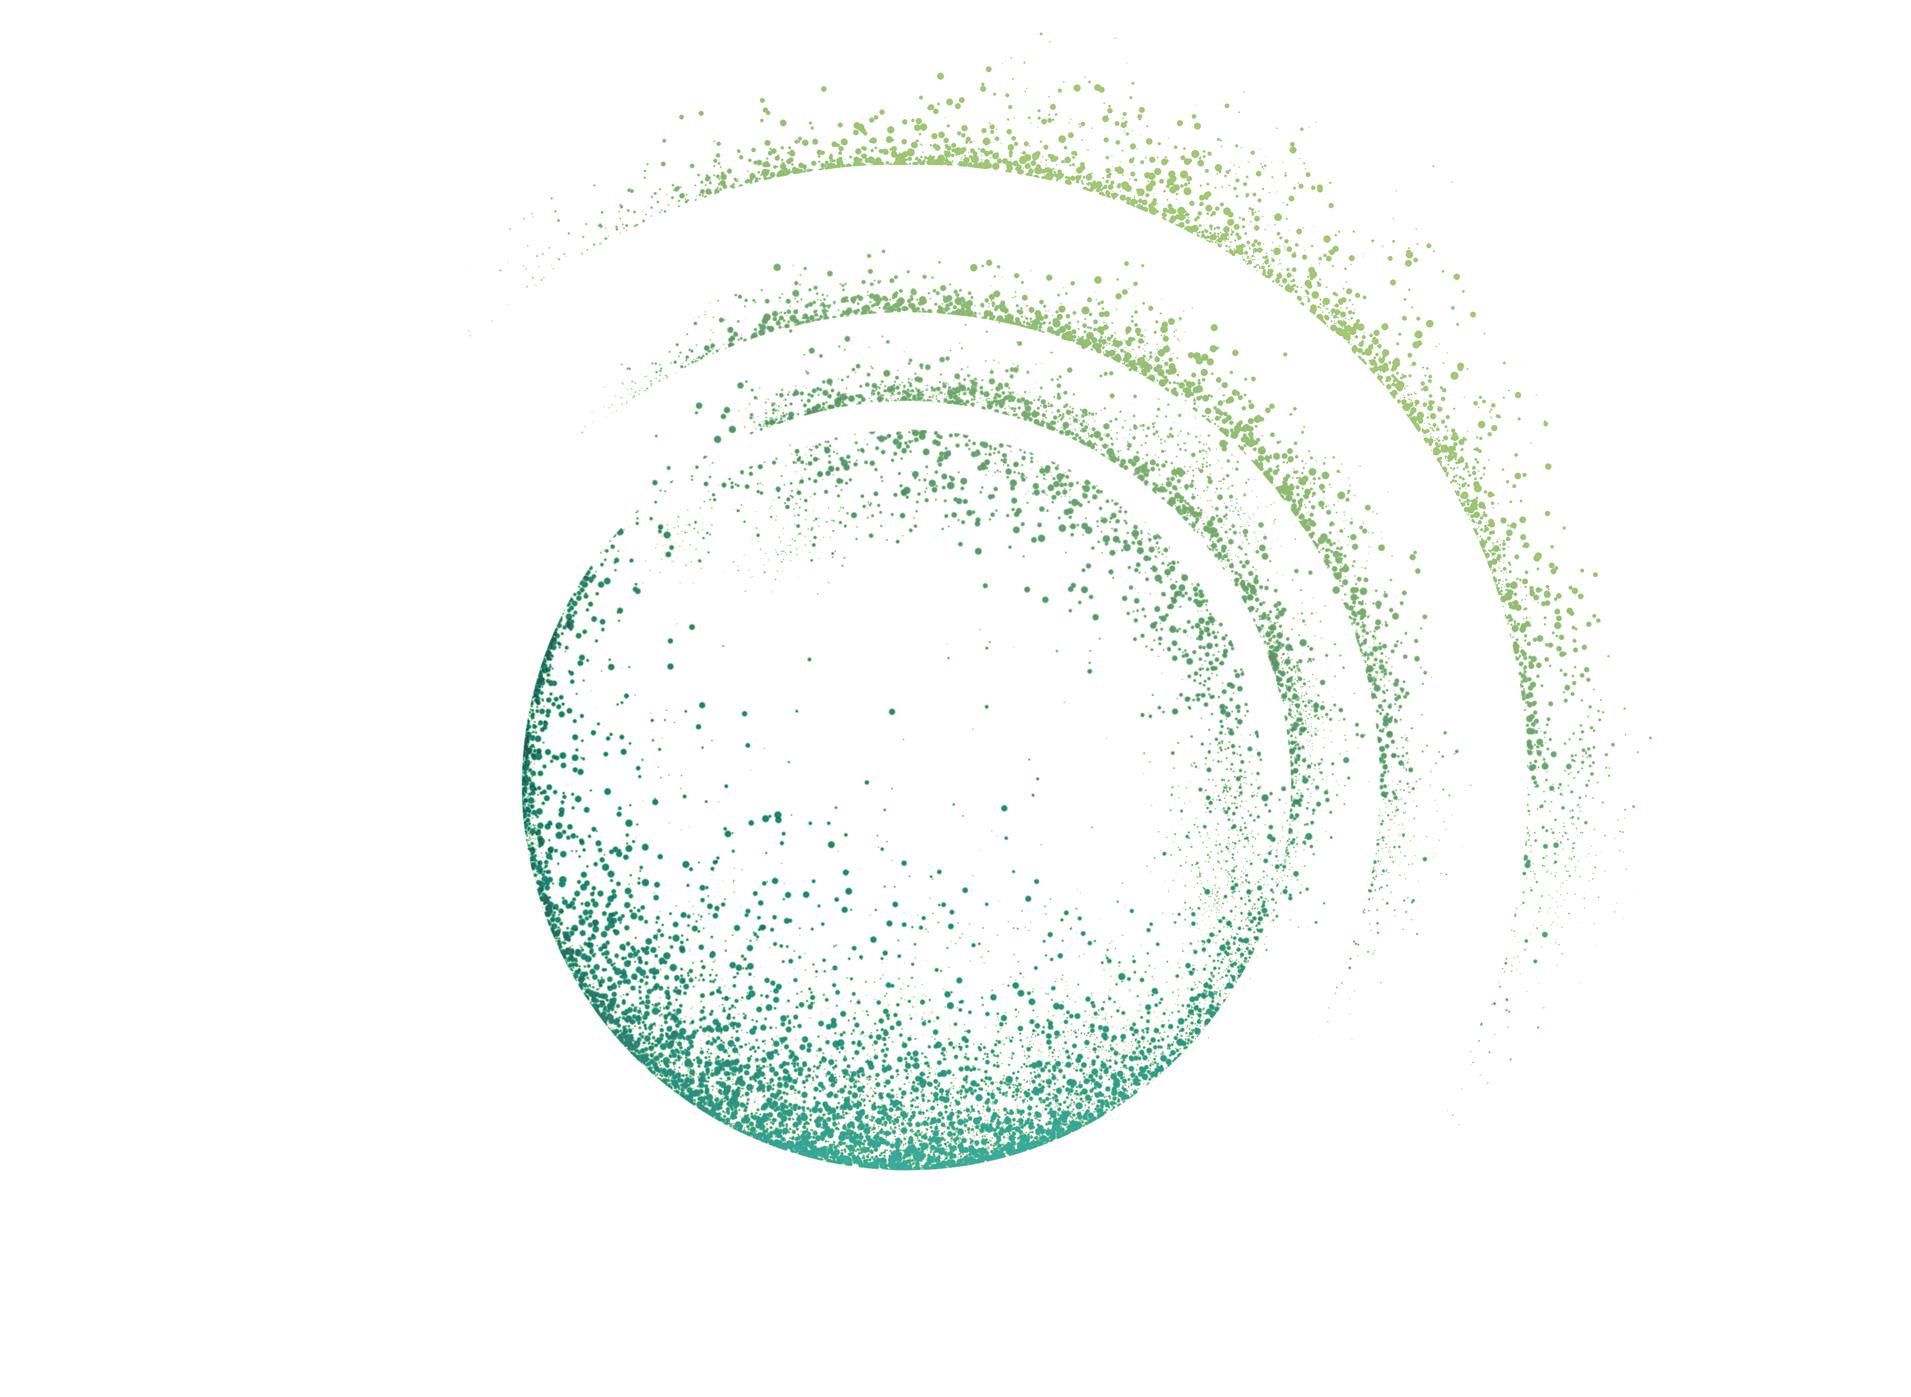 NOW - Netzwerk Oekonomischer Wandel